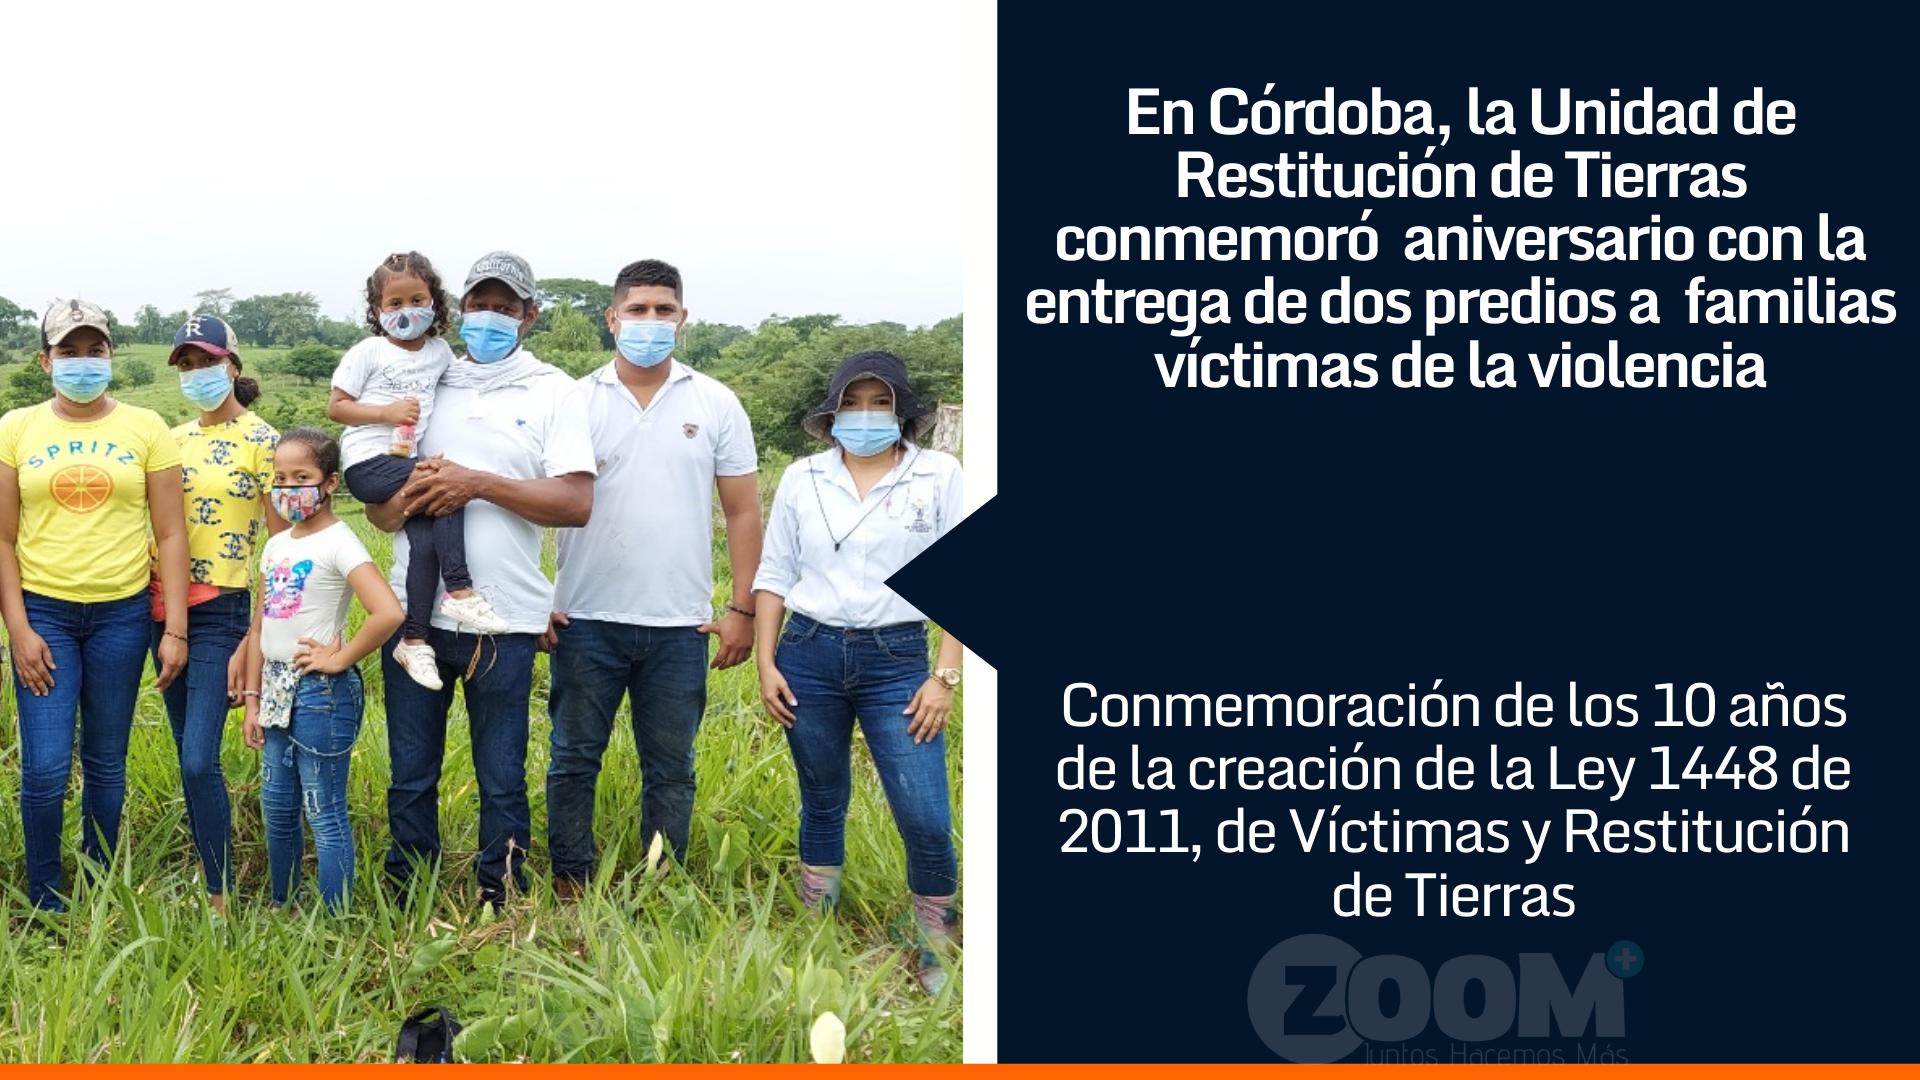 Restitución de Tierras en Córdoba, 10 años transformando vidas y territorios